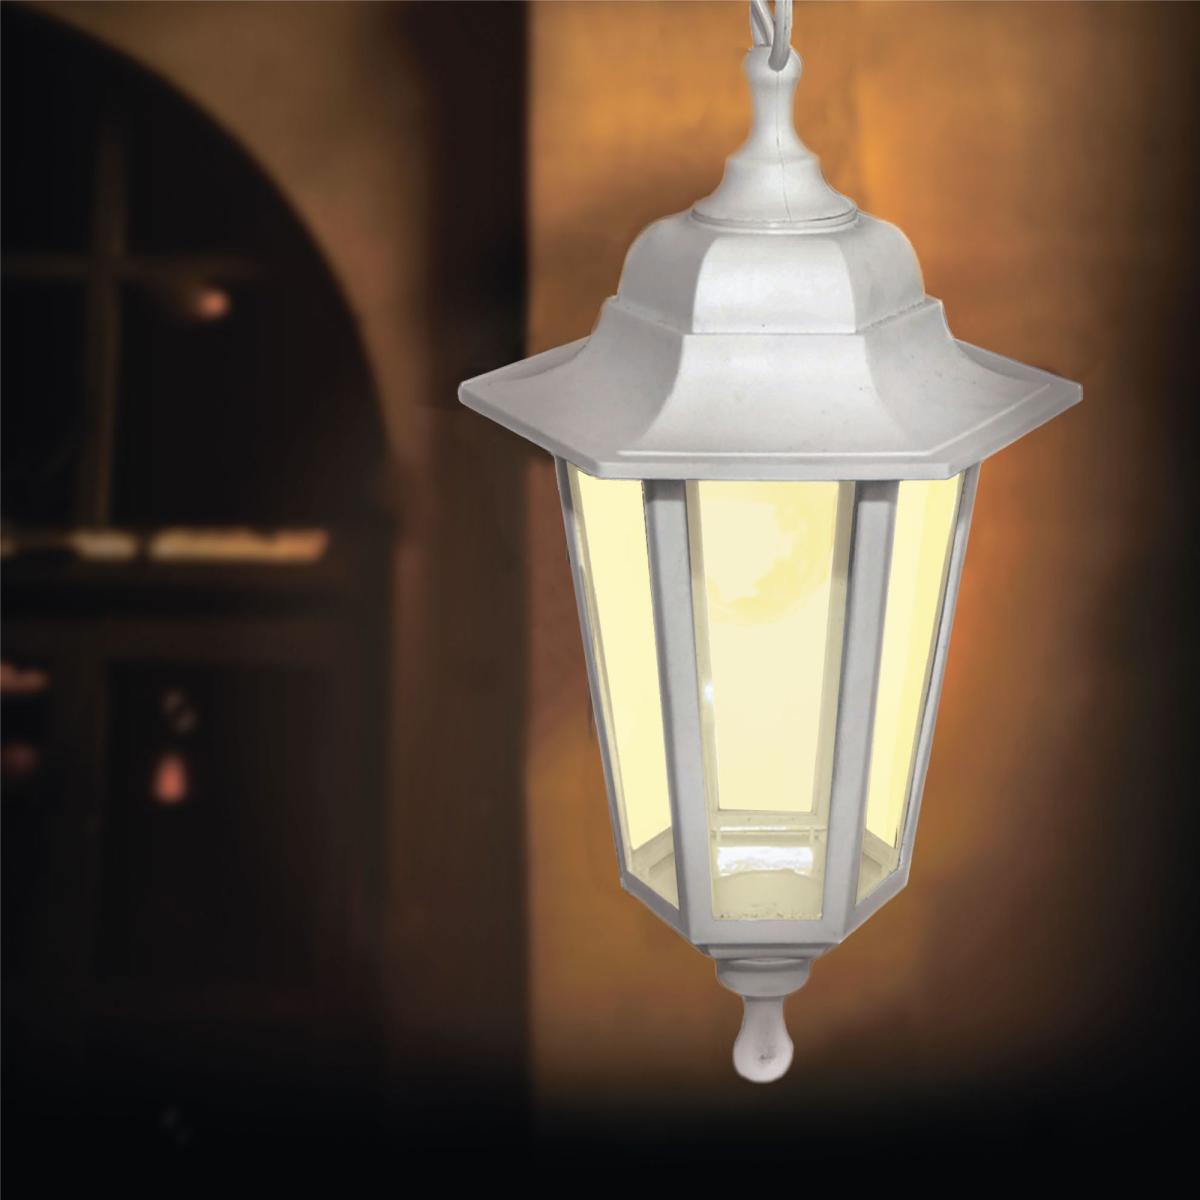 Подвесной светильник уличный Apeyron Адель 11-98 E27 цвет белый